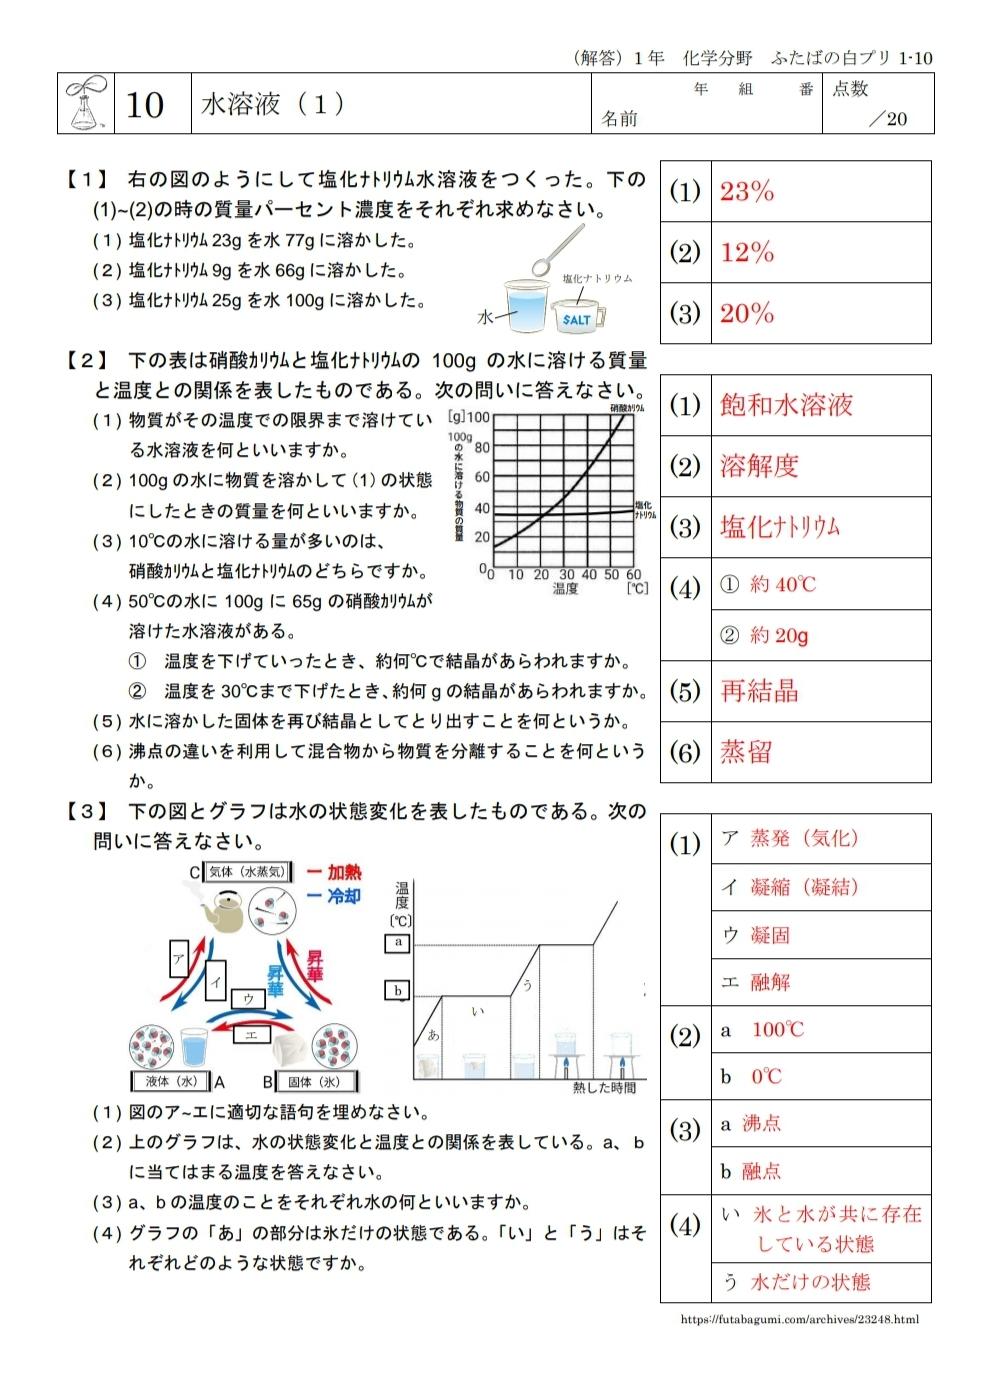 ふたばの白プリ1-10「水溶液(1)」、1-11「水溶液(2)」を公開しました。